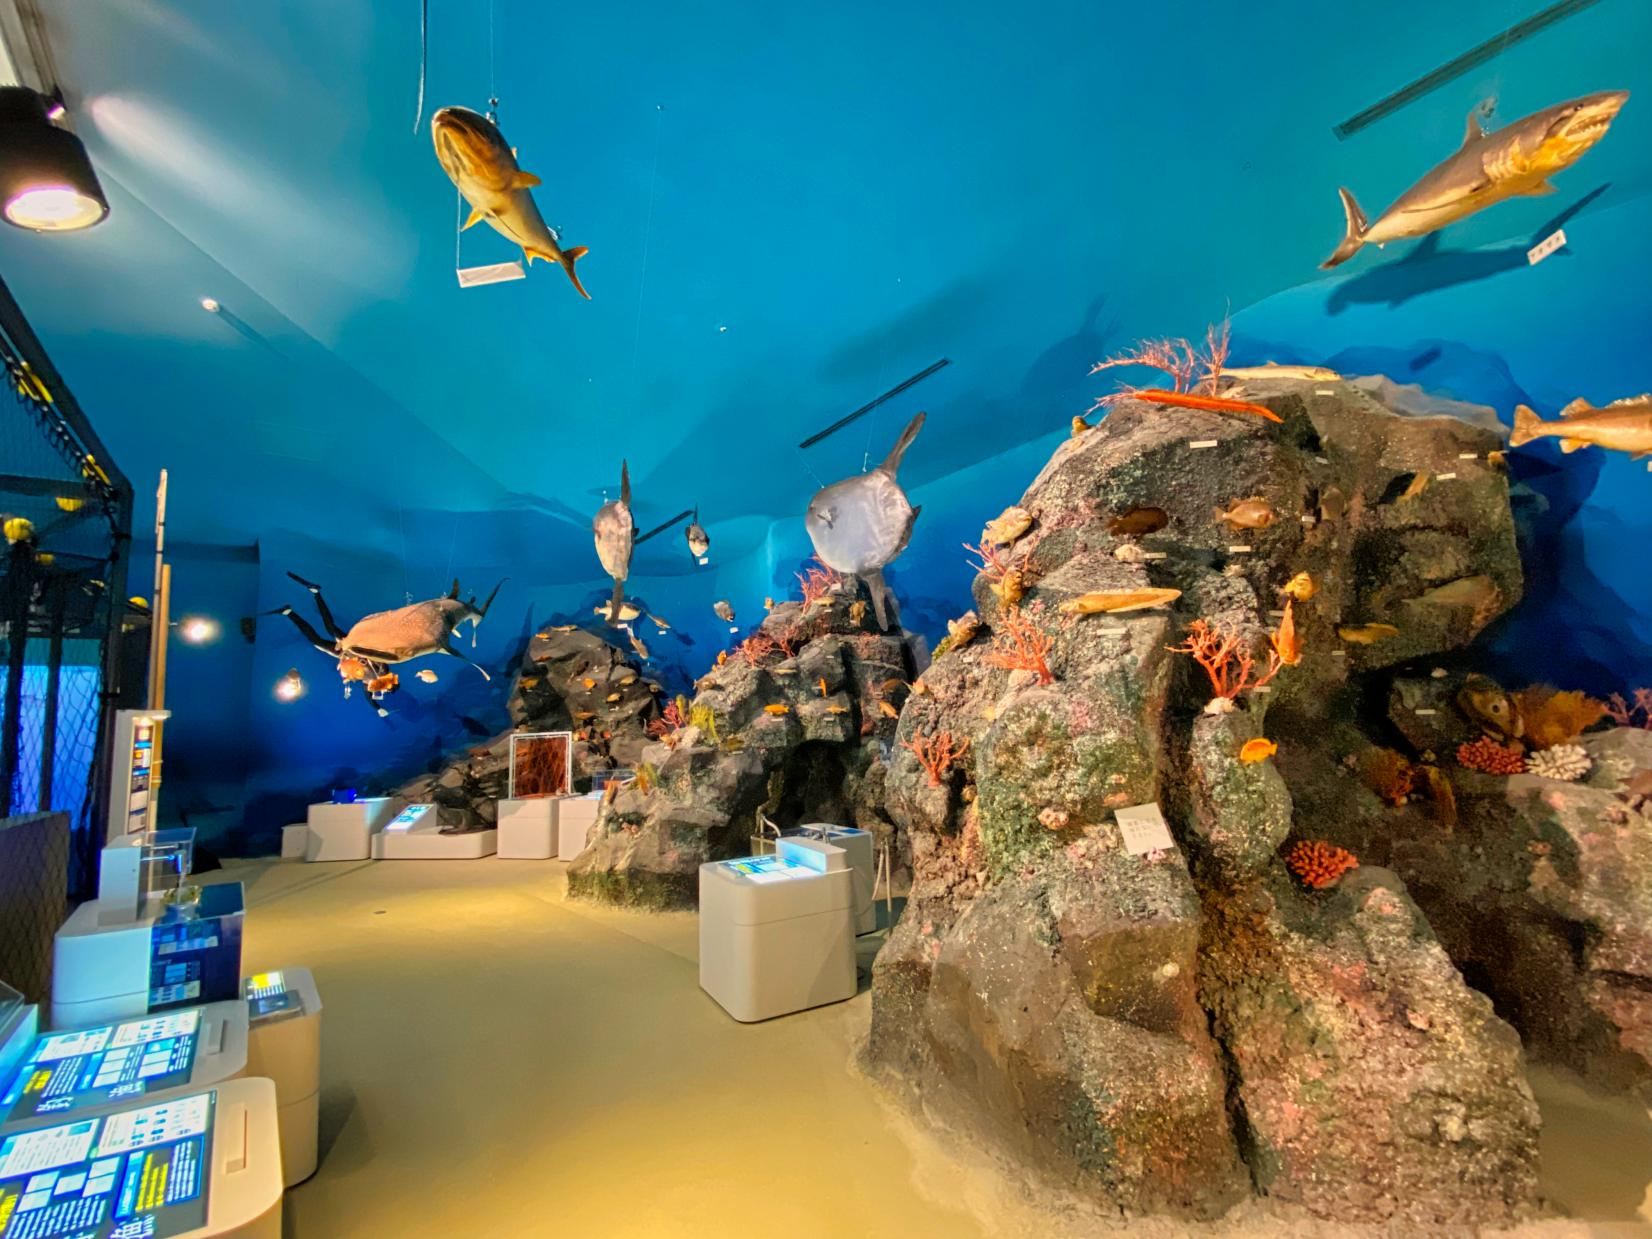 魚と漁業の展示室「フィッシャーマンズアリーナ」-5